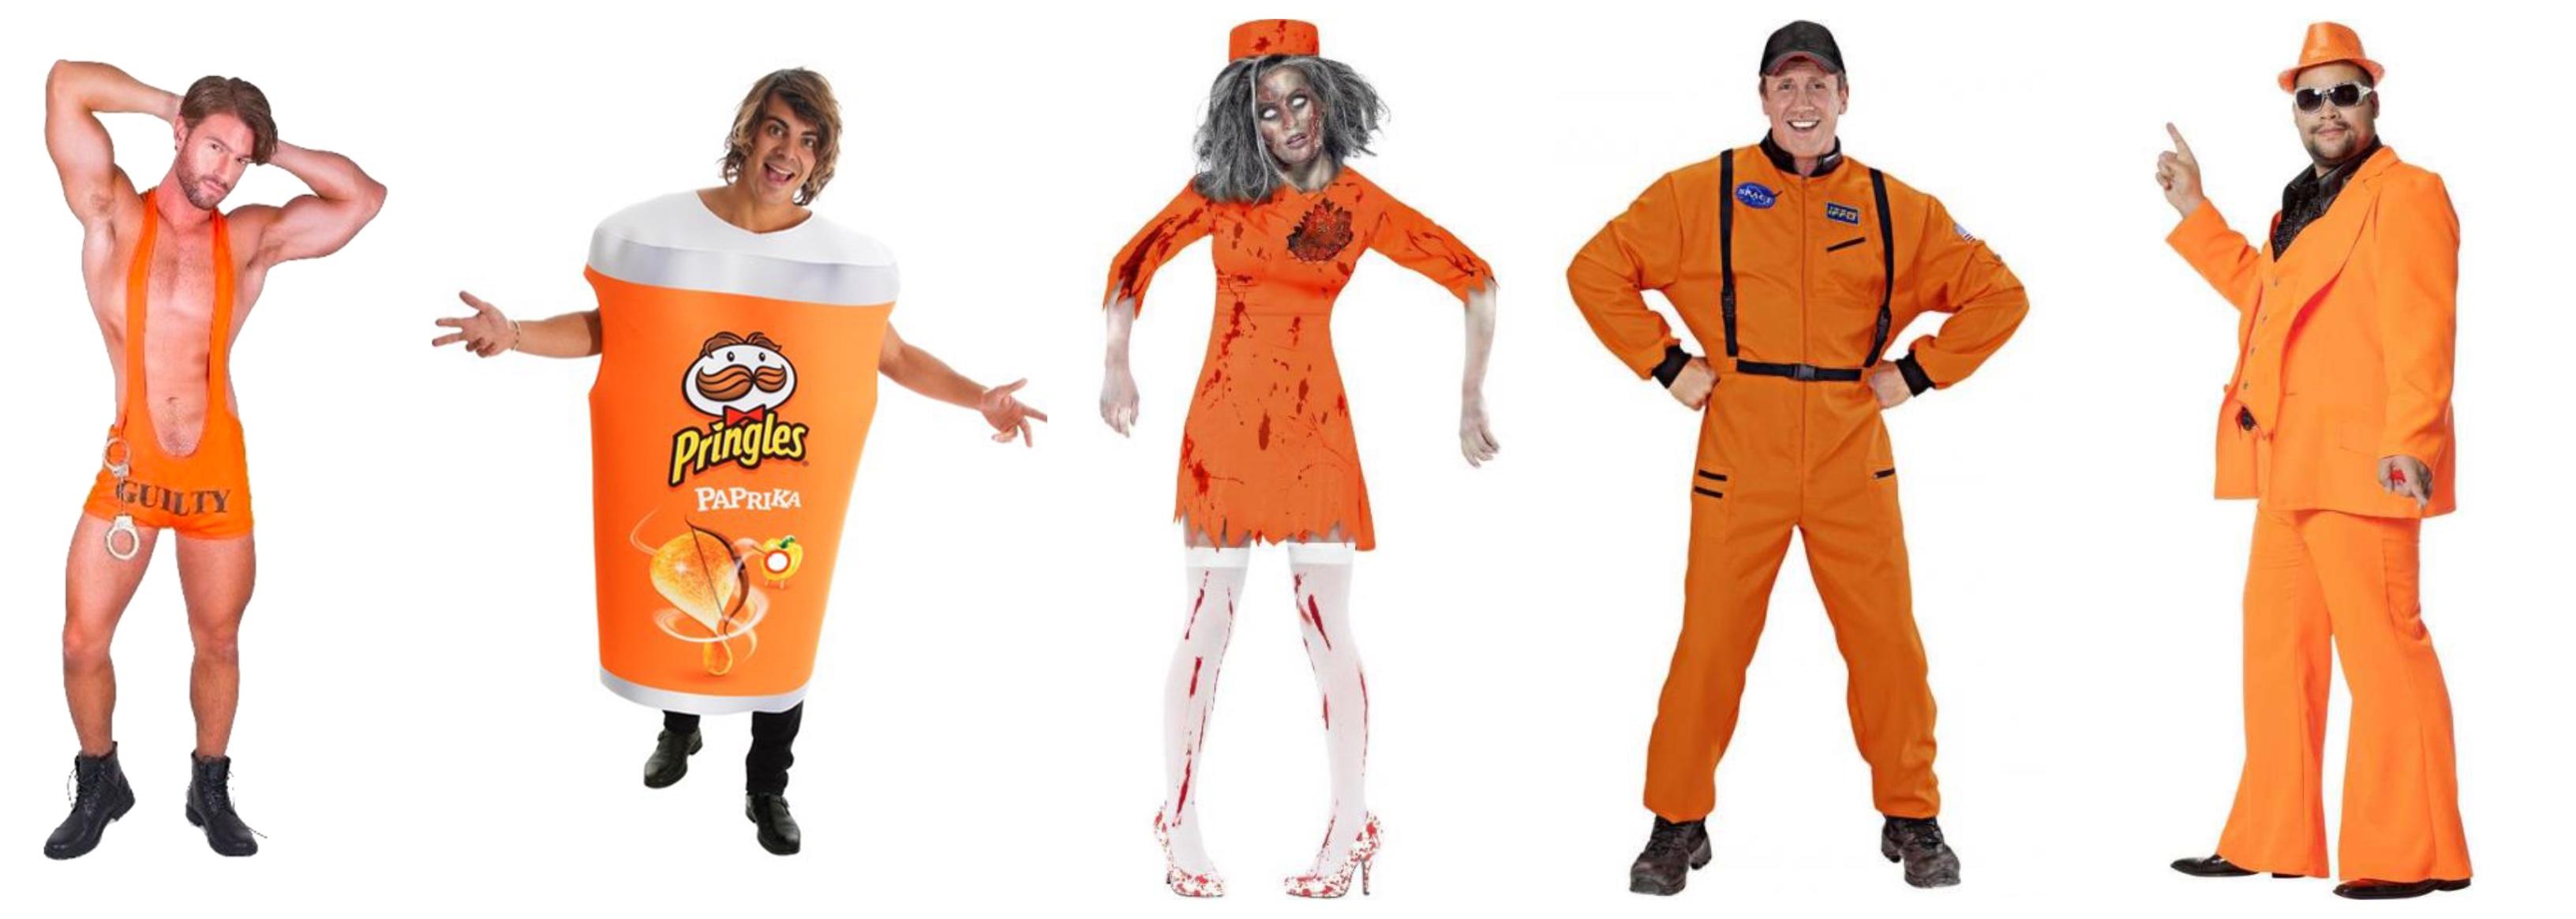 orange kostume til voksne orange voksenkostumer - Orange kostumer til voksne